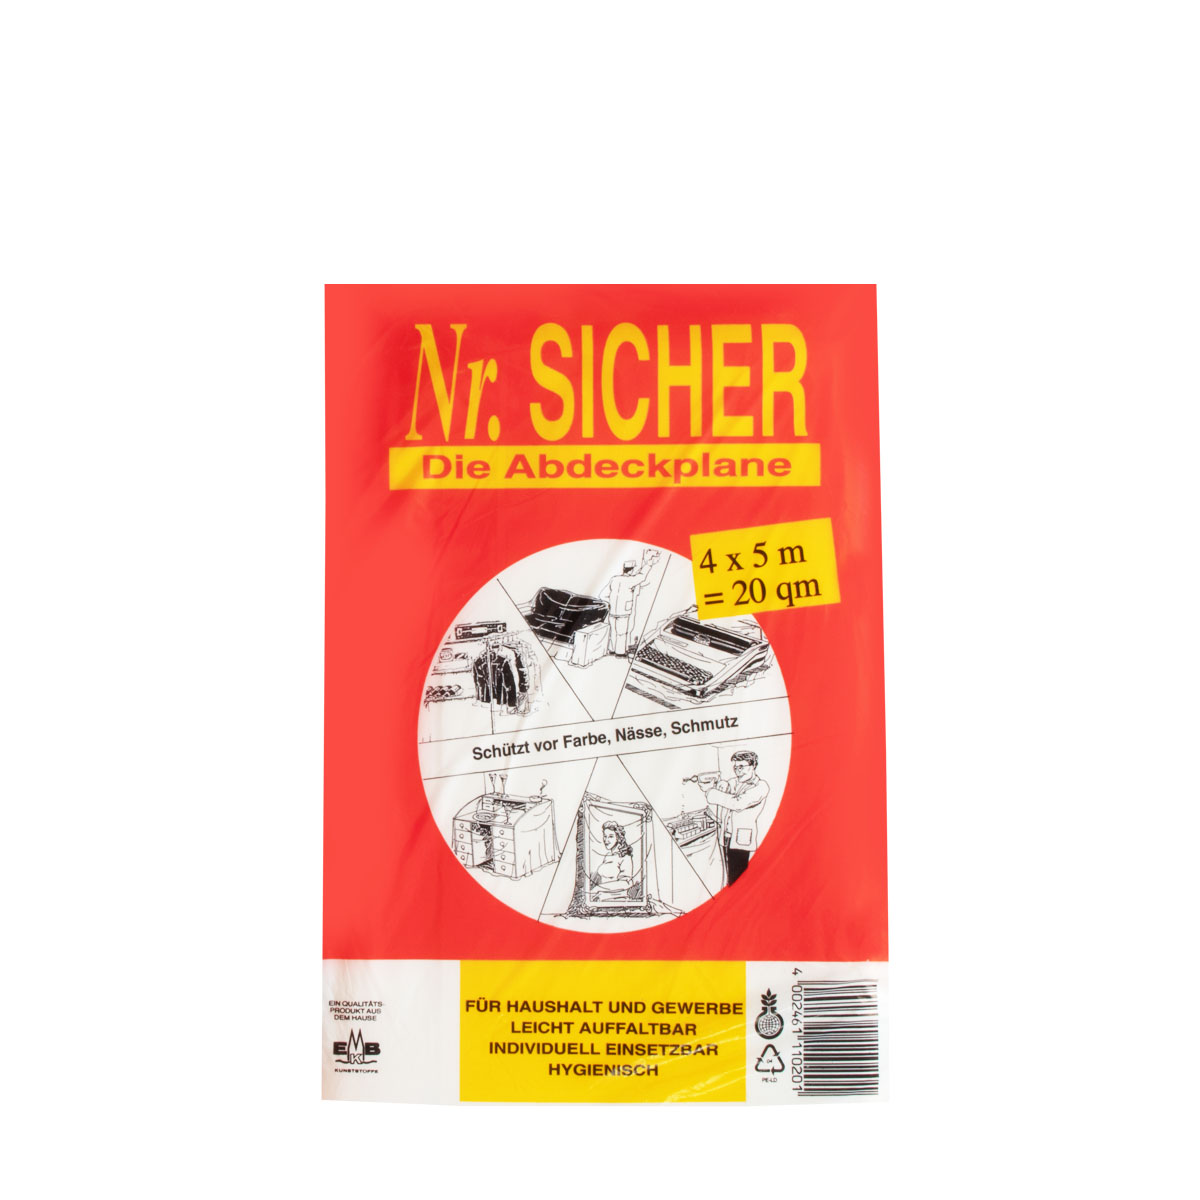 Abdeckfolie, Abdeckplane PE 10my ,NR Sicher, 4x12,5m (50qm), Die Abdeckplane